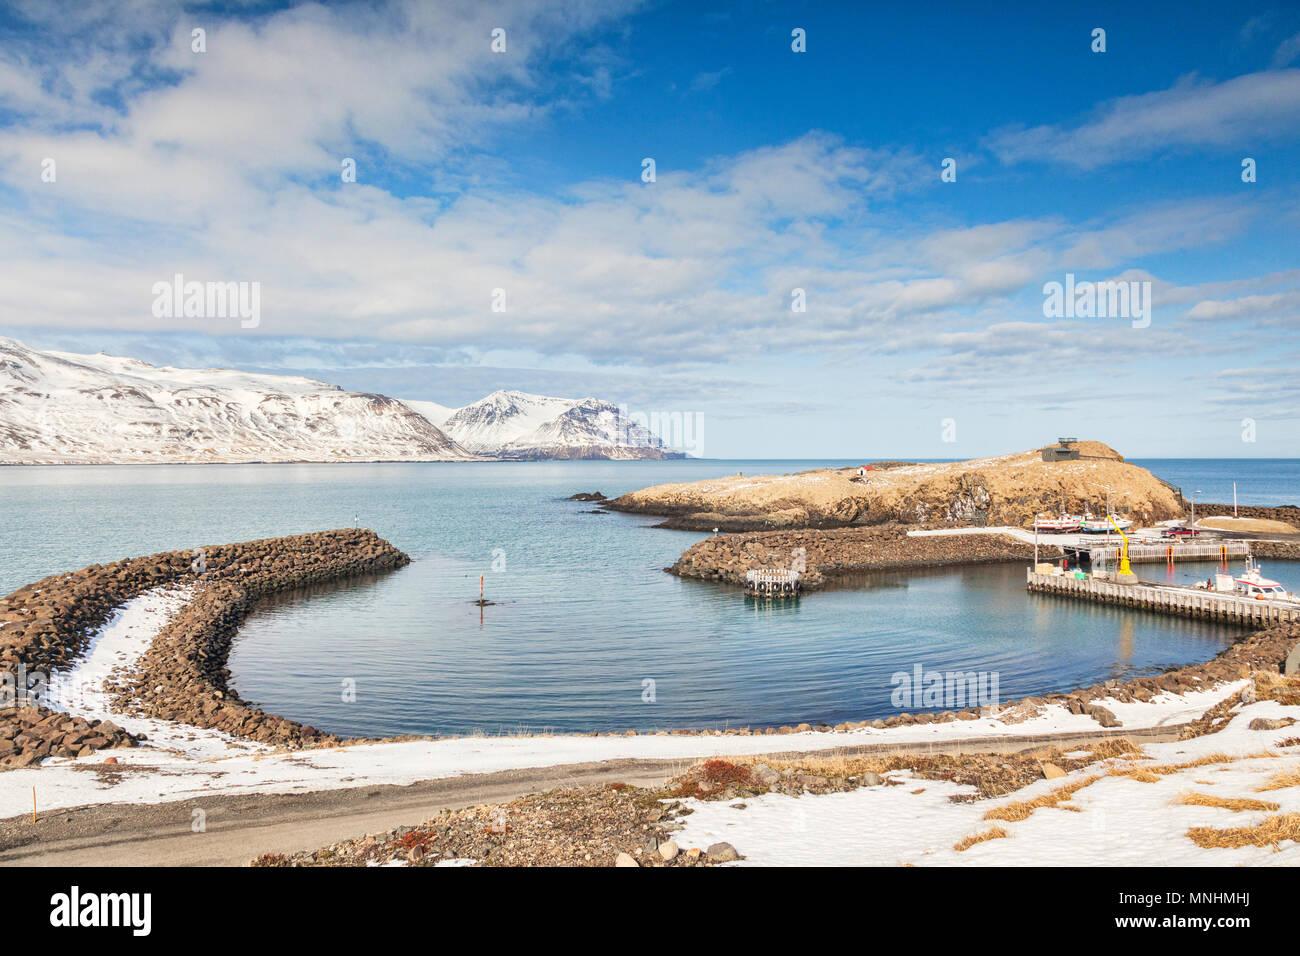 Le petit port de Bakkagerdi dans l'Est de l'Islande sur une journée de printemps ensoleillée. Photo Stock